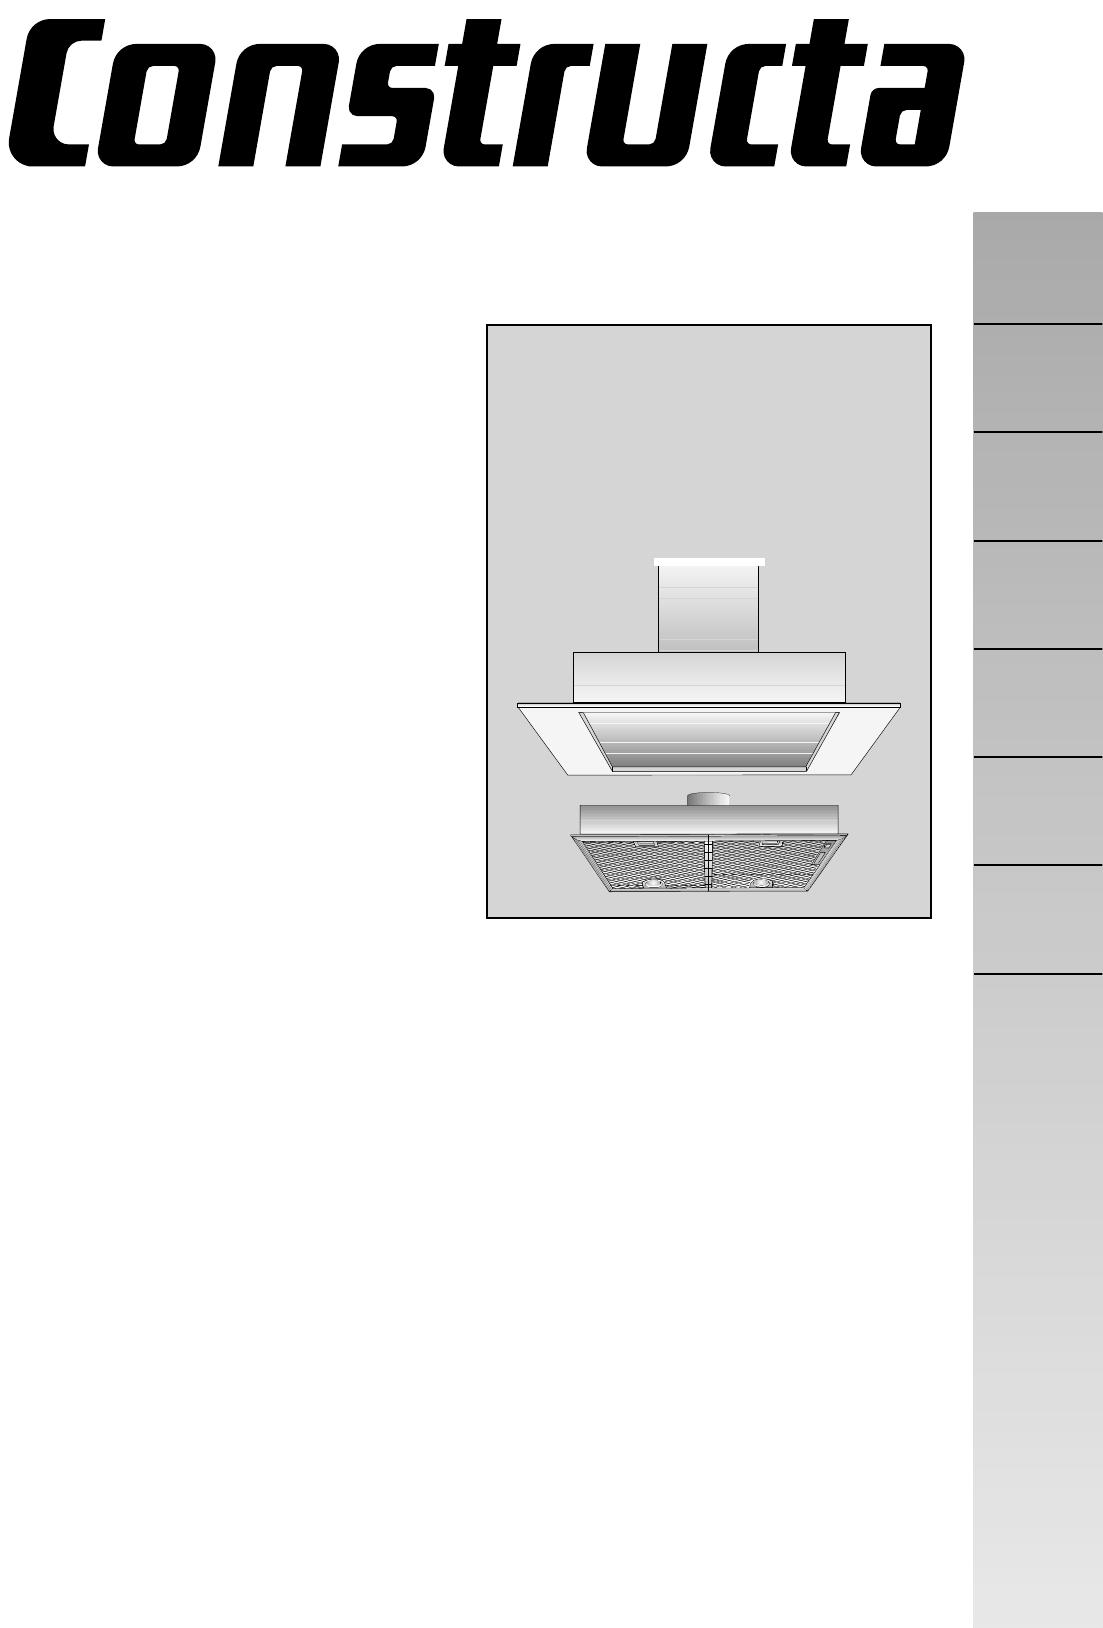 Constructa Dunstabzugshaube Umluft 2021